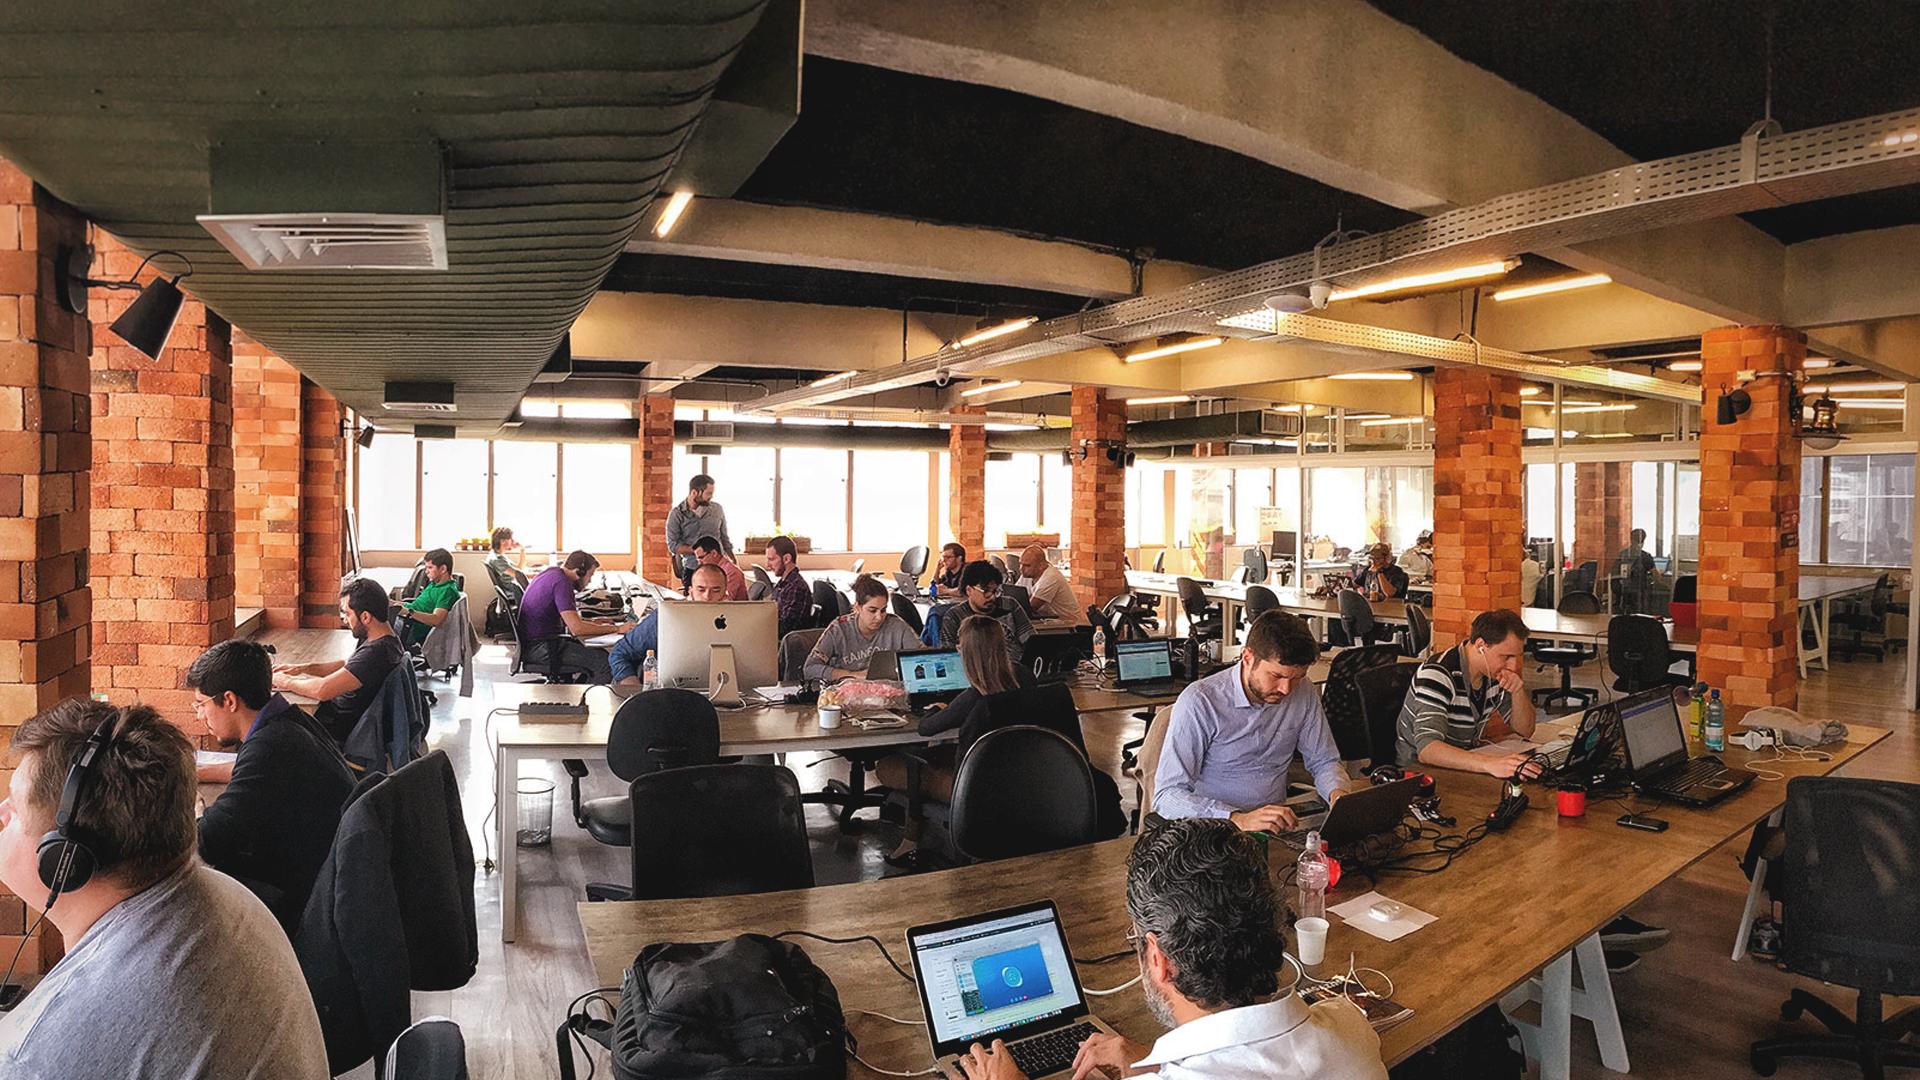 Empresas sendo aceleradas em um ambiente de cooworking